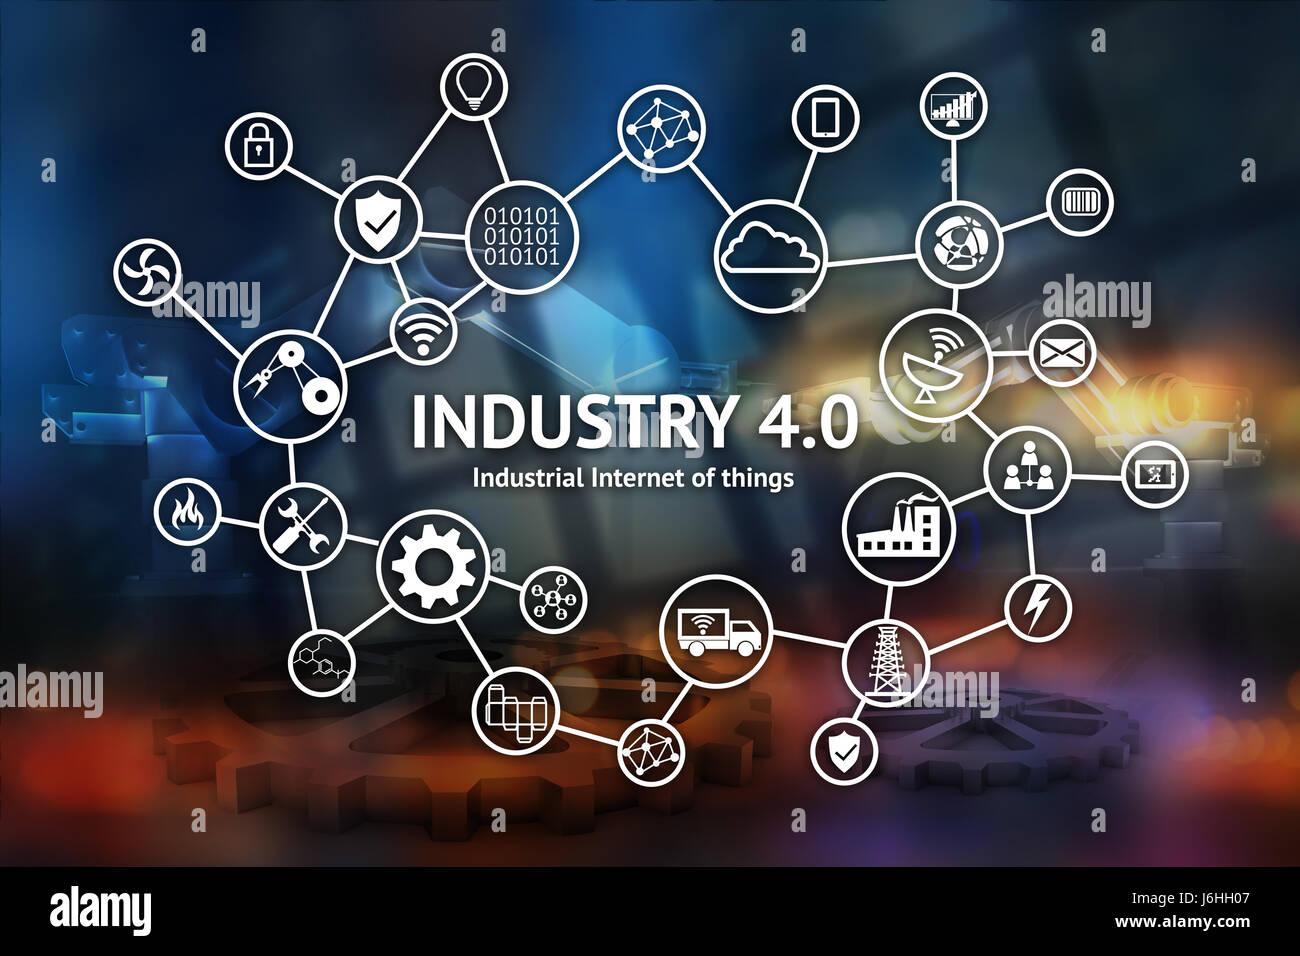 internet of things industrial pdf